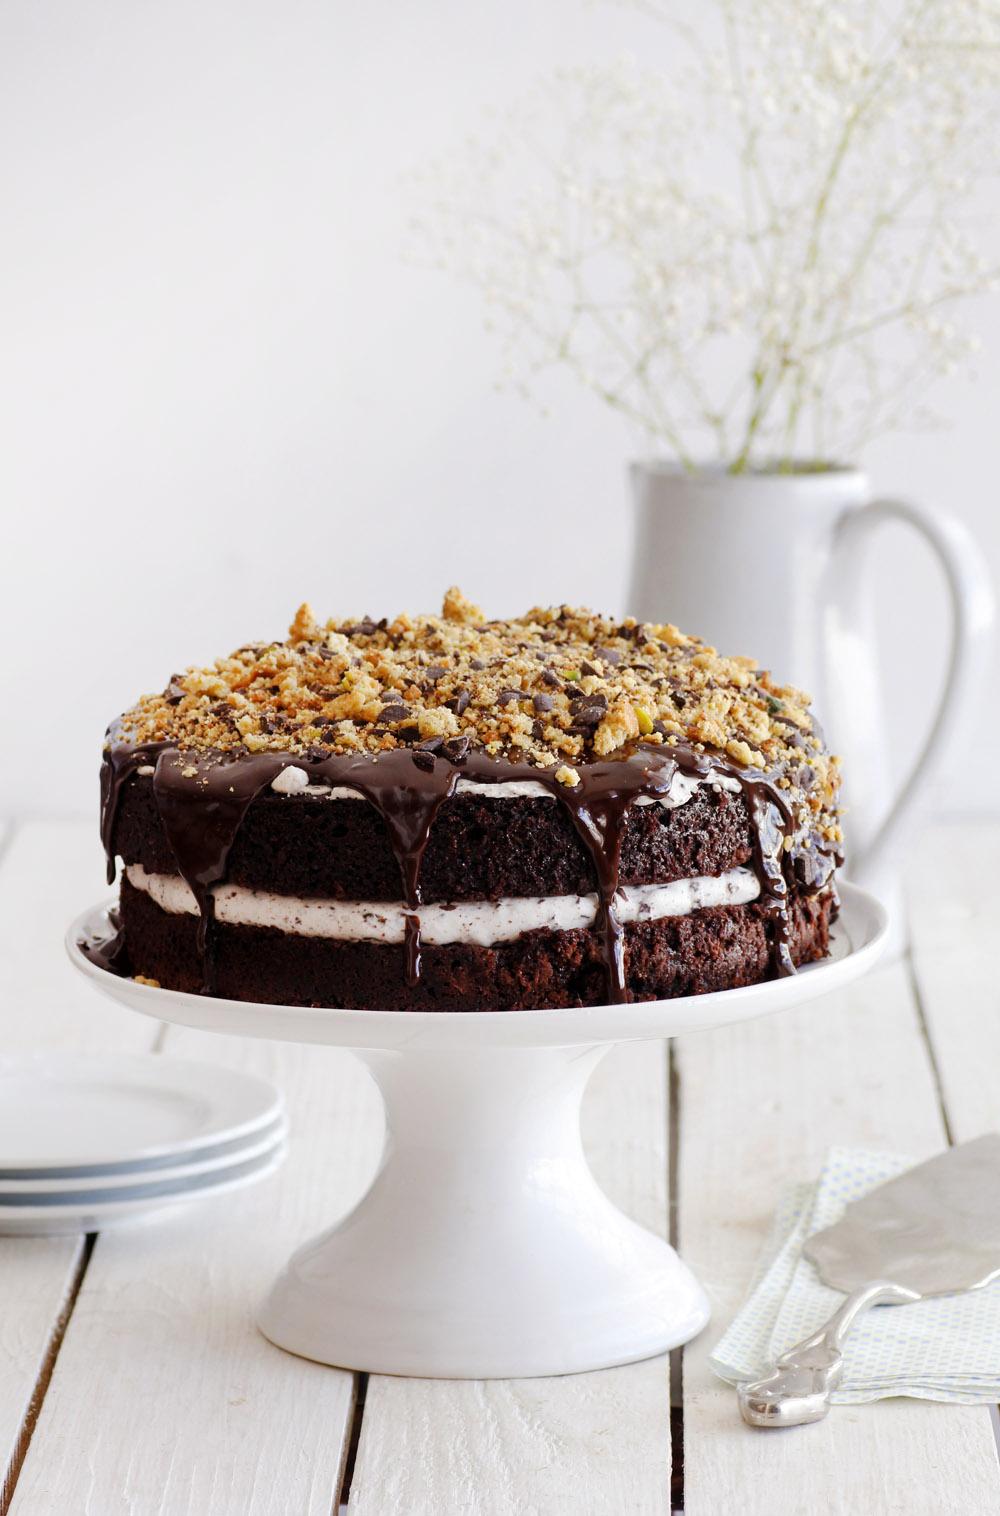 עוגת שכבות שוקולד עם קרם שוקולד צ'יפס